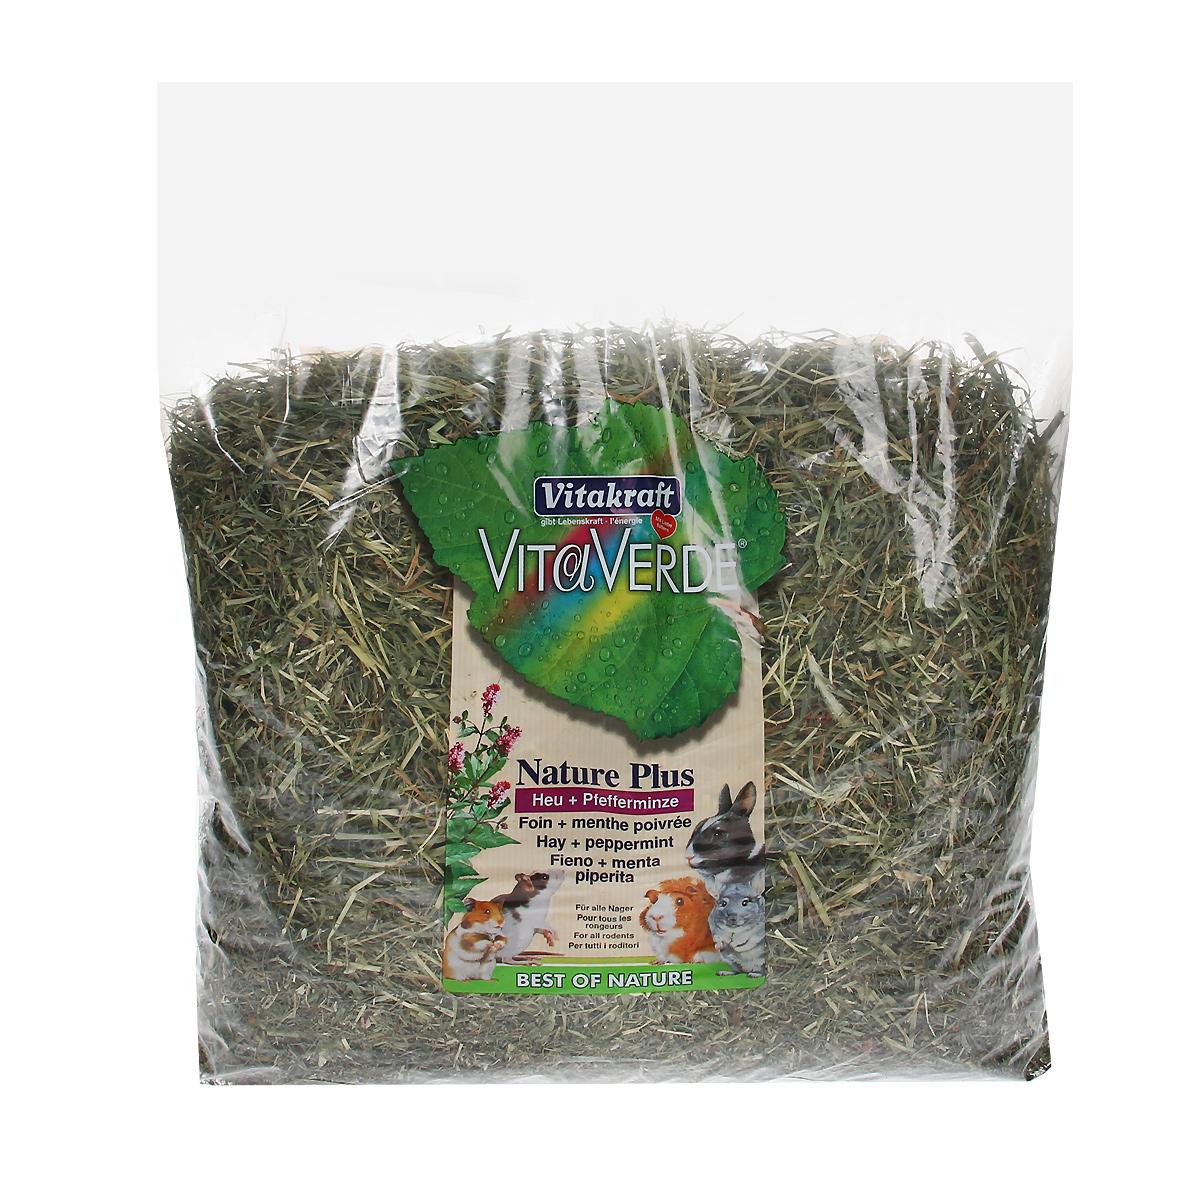 Сено луговое Vitakraft Vita Verde, с перечной мятой, 500 г13068Сено луговое Vitakraft Vita Verde из тщательно отобранных луговых трав с перечной мятой. Мята полезна при проблемах с желудком и кишечником, а также при заболеваниях желчного пузыря и печени. Сено может быть использовано в качестве наполнителя в клетку и в качестве корма. Ежедневно давайте грызунам свежую порцию сена. Состав: сено.Вес: 500 г.Товар сертифицирован.